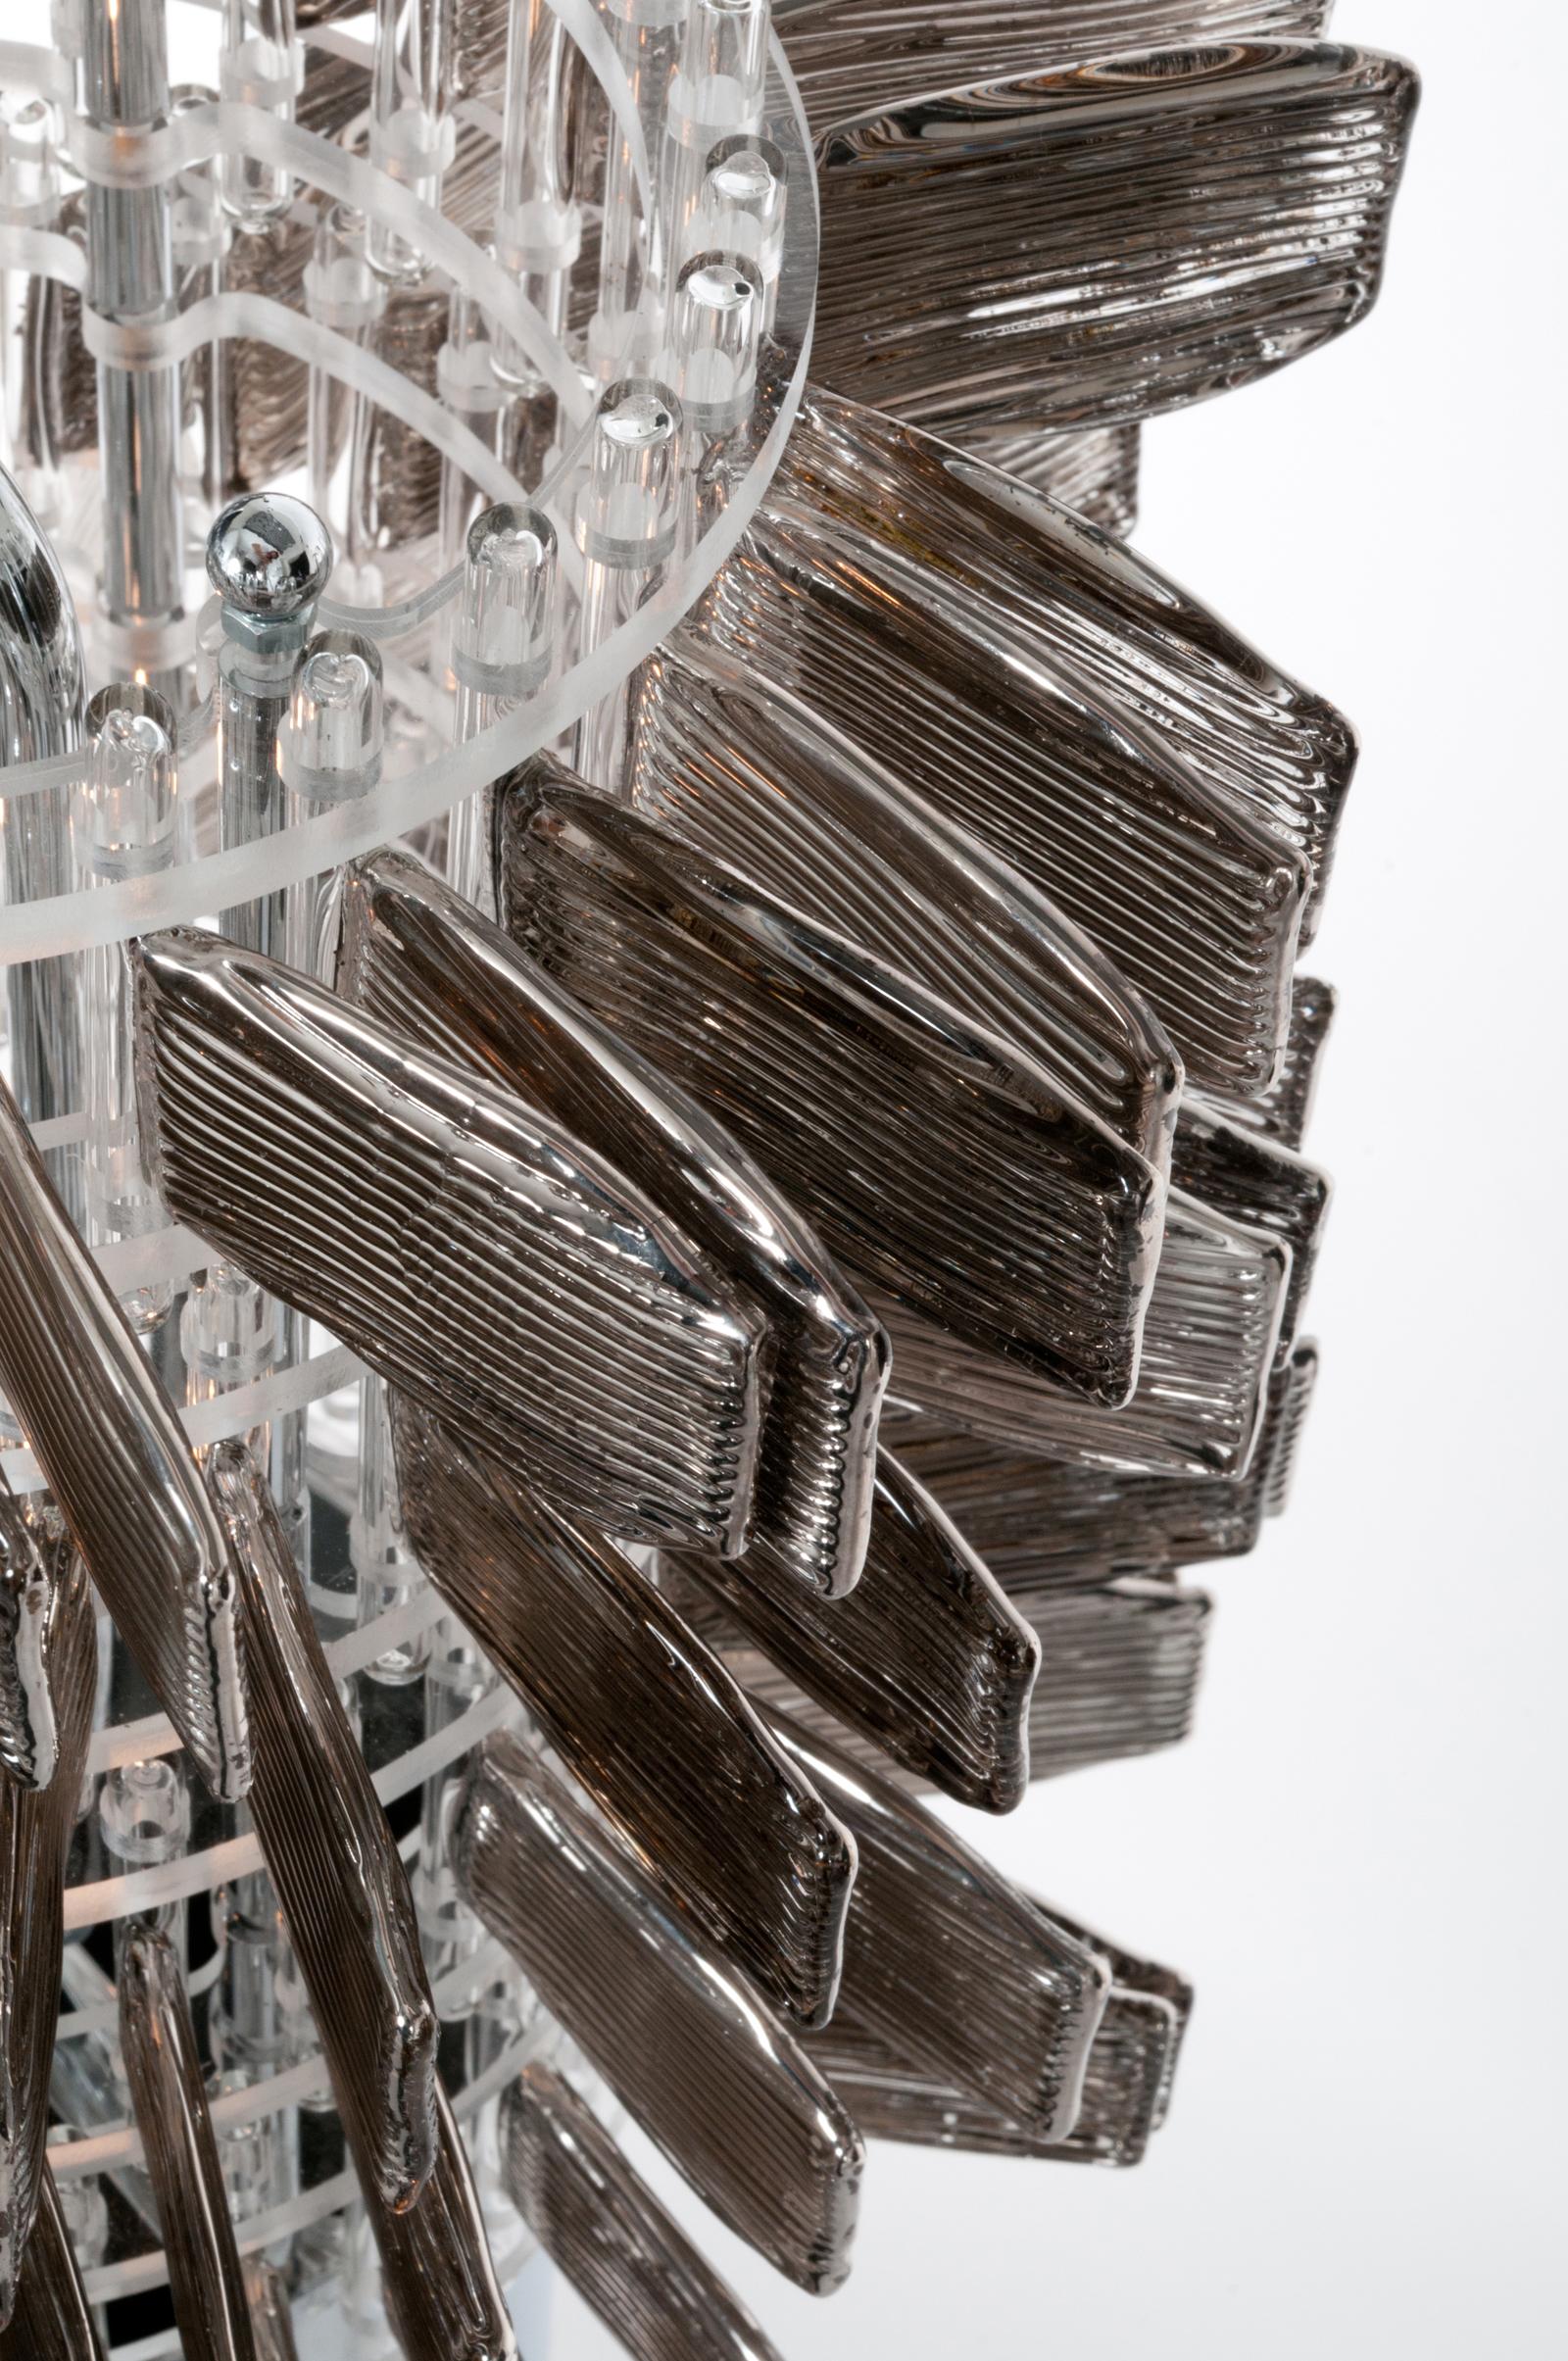 anemone-56-table-chrome-platine-platinium-veronese-maurizio-galante-tal-lancman-41.jpg